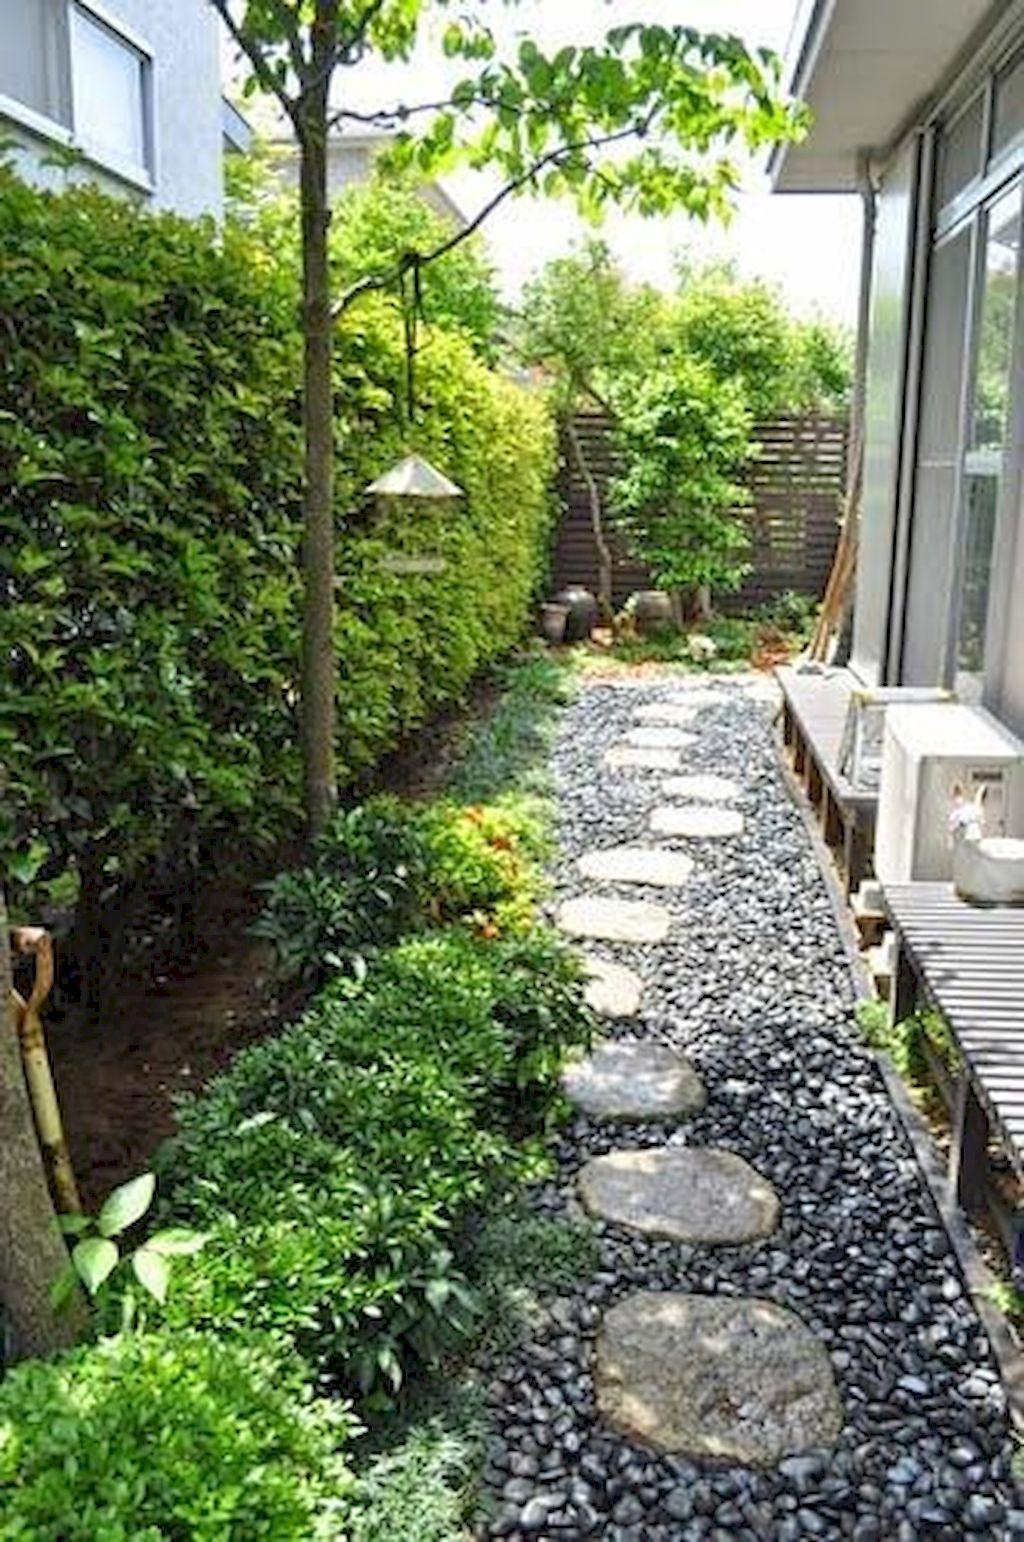 90 Beautiful Side Yard Garden Decor Ideas | Side yard ... on Small Side Yard Ideas  id=99398